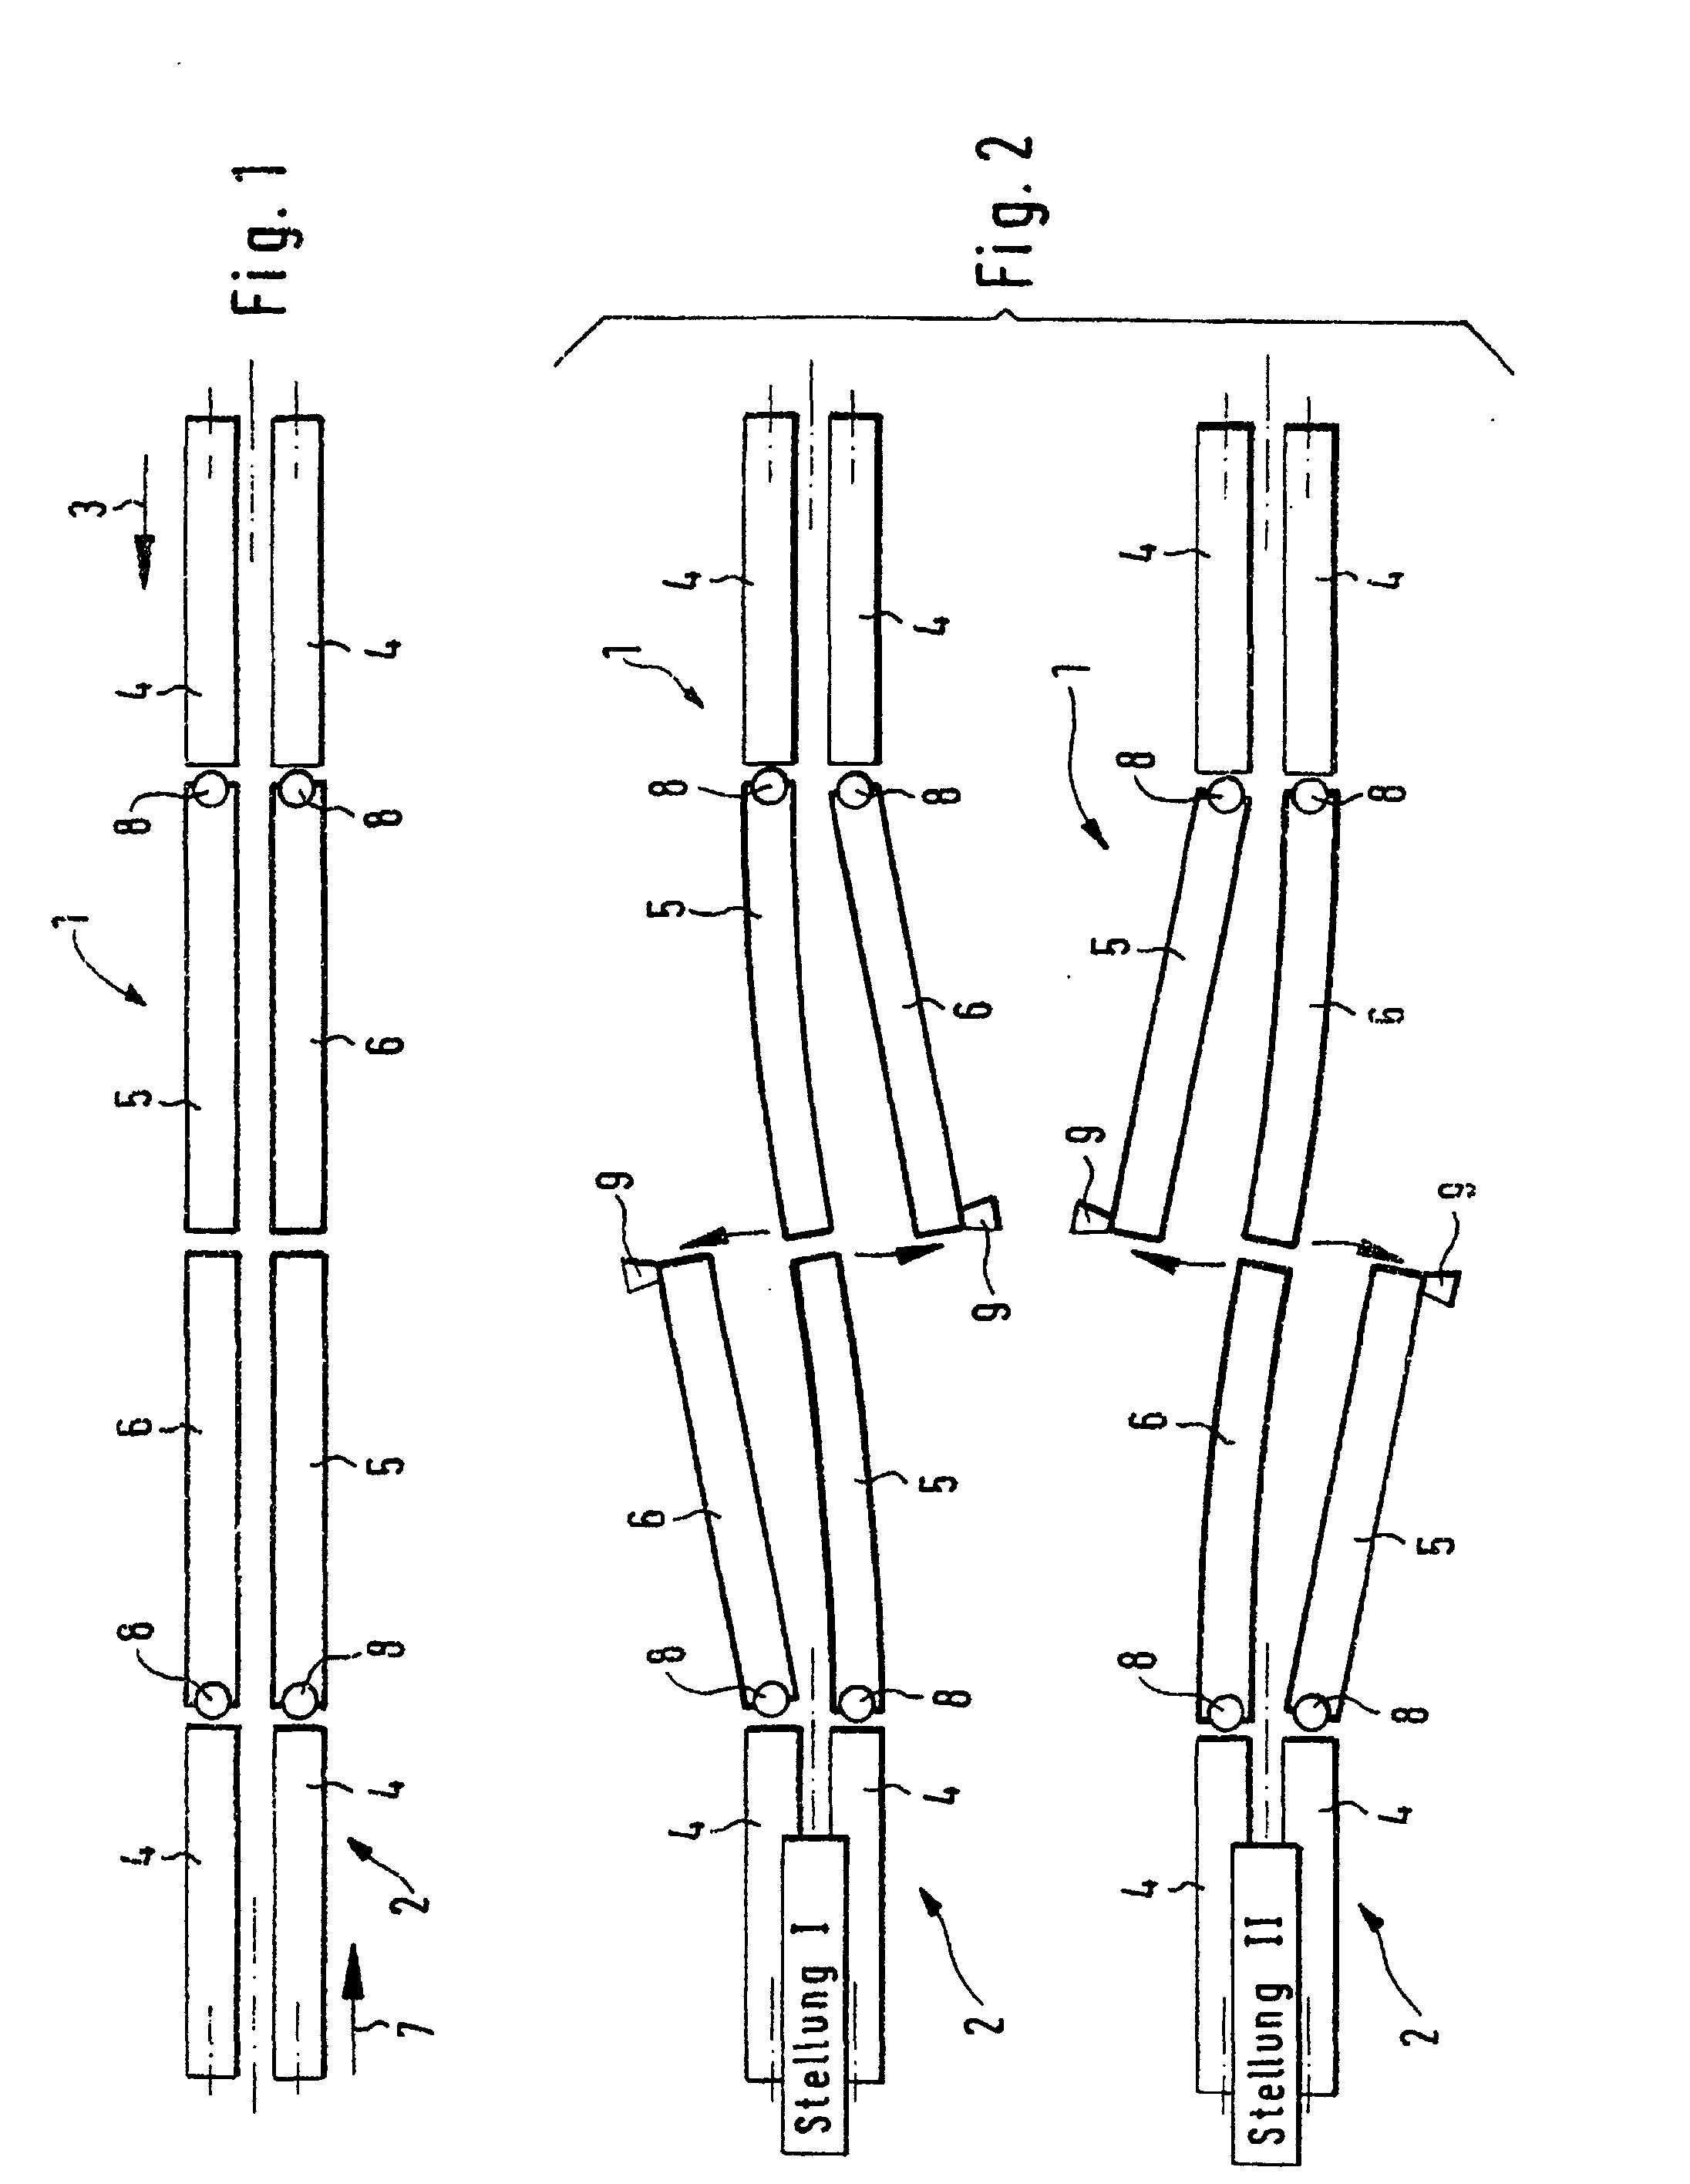 专利ep1047840b1 - spurwechseleinrichtung